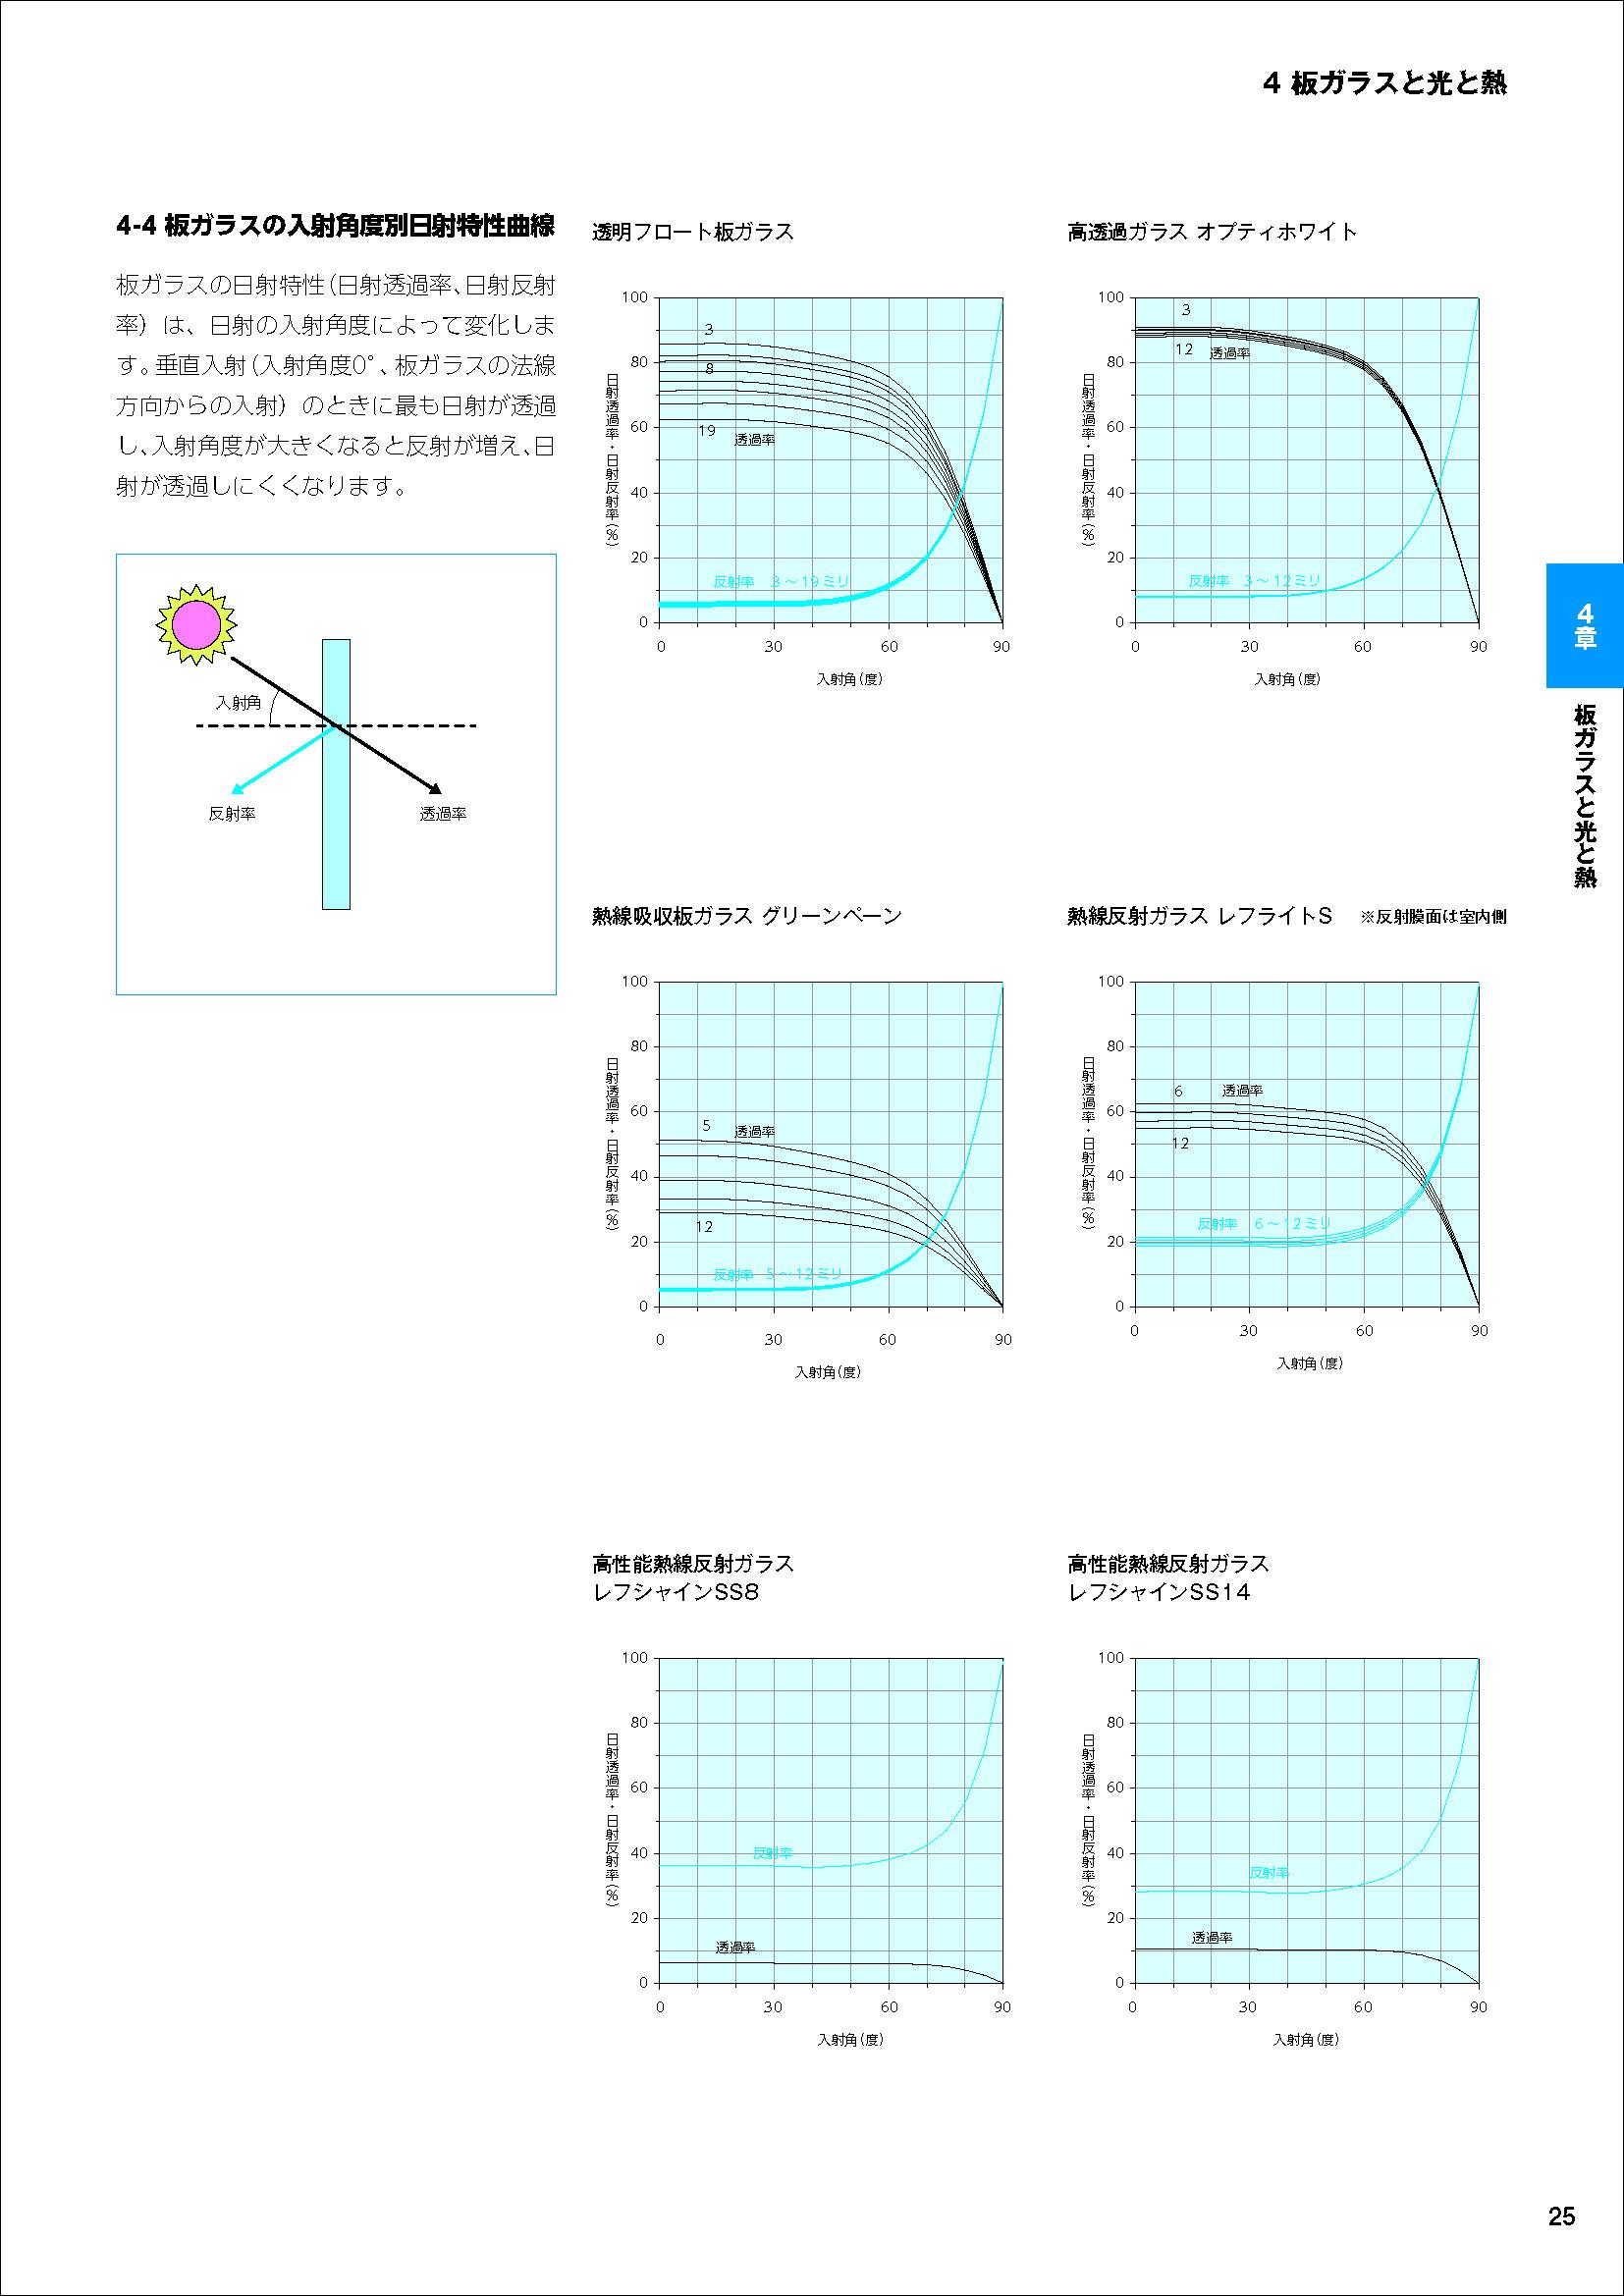 板ガラスの入射角度別日射特性曲線